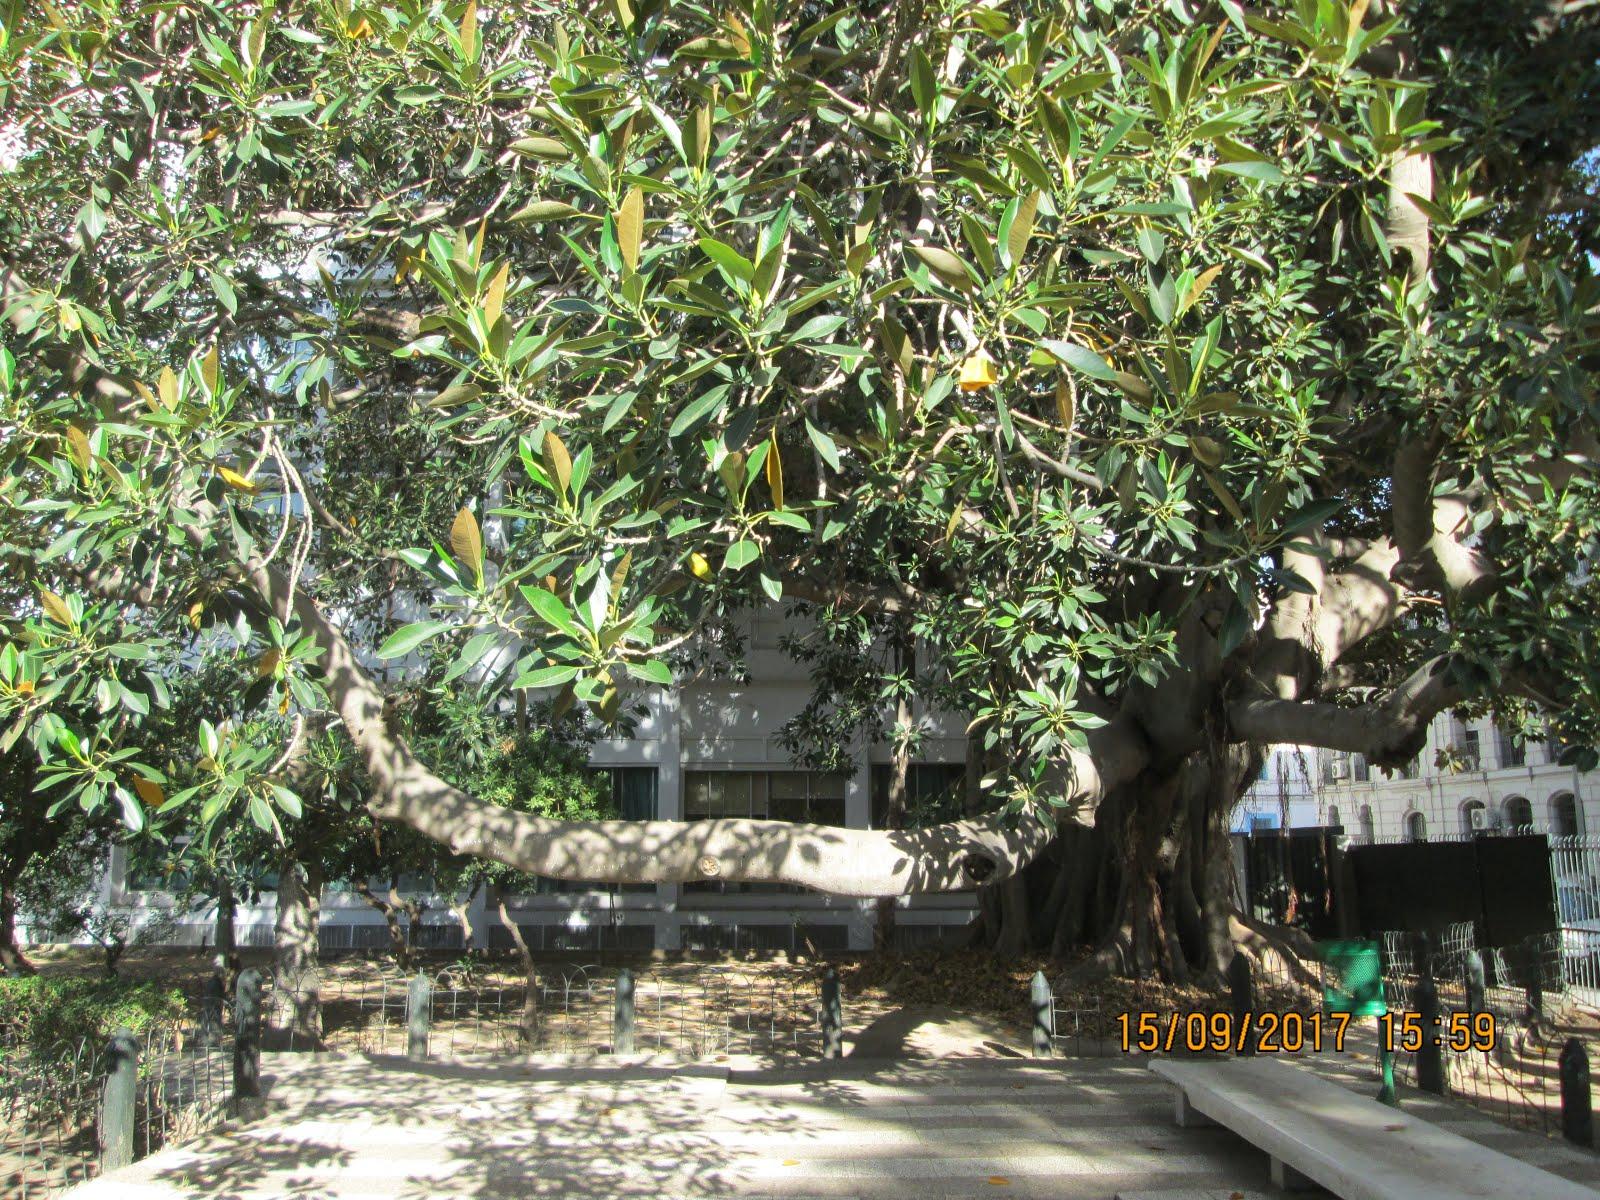 شجرة مَهيبة، شارع باريس، تونس العاصمة.